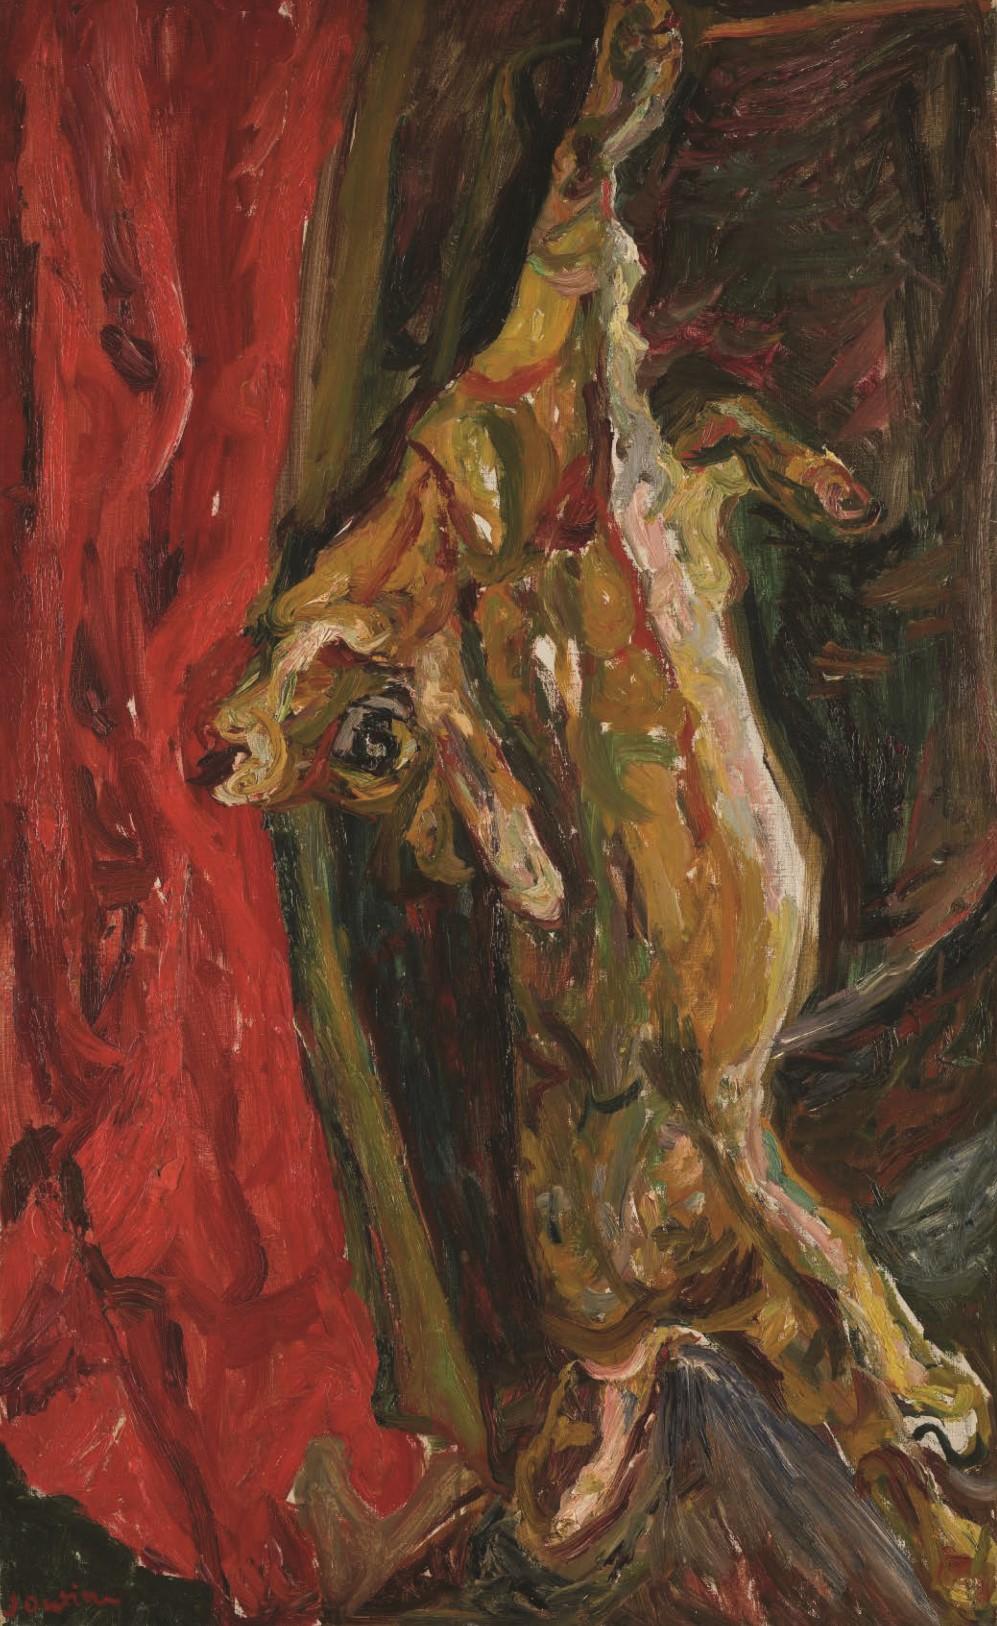 חיים סוטין, סבך ווילון אדום, 1924 בקירוב, שמן על בד, 8149 סמ, מתנת לוטה ווולטר.ד פלורשמיר, זוליקון, שוויץ, מוזיאון ישראל צילום עפרית רוזנברג